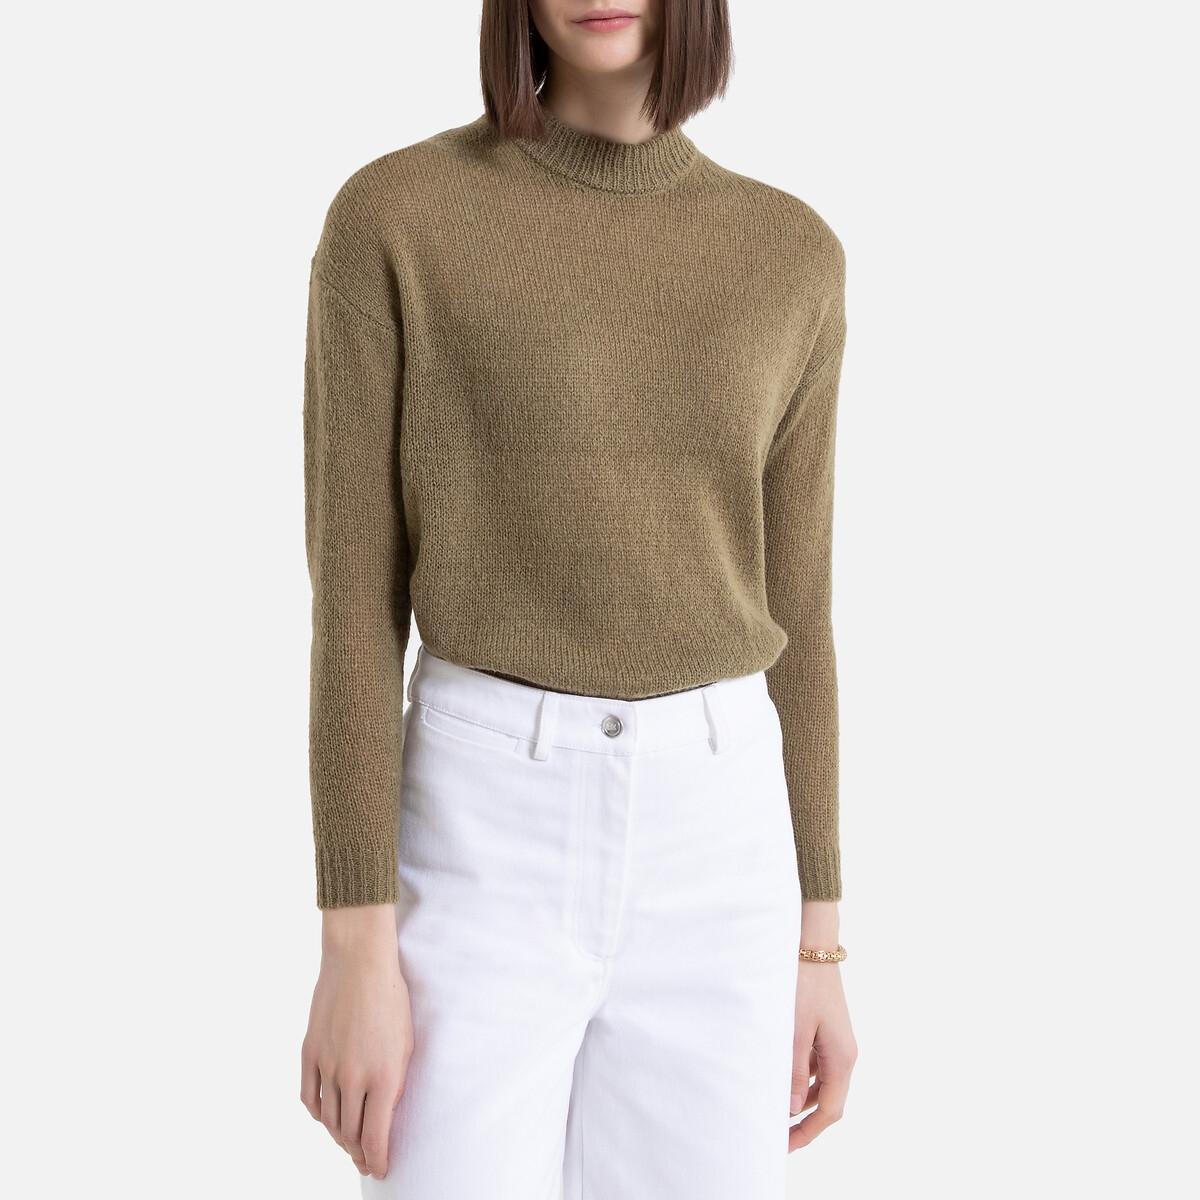 Jersey de punto grueso y cuello redondo